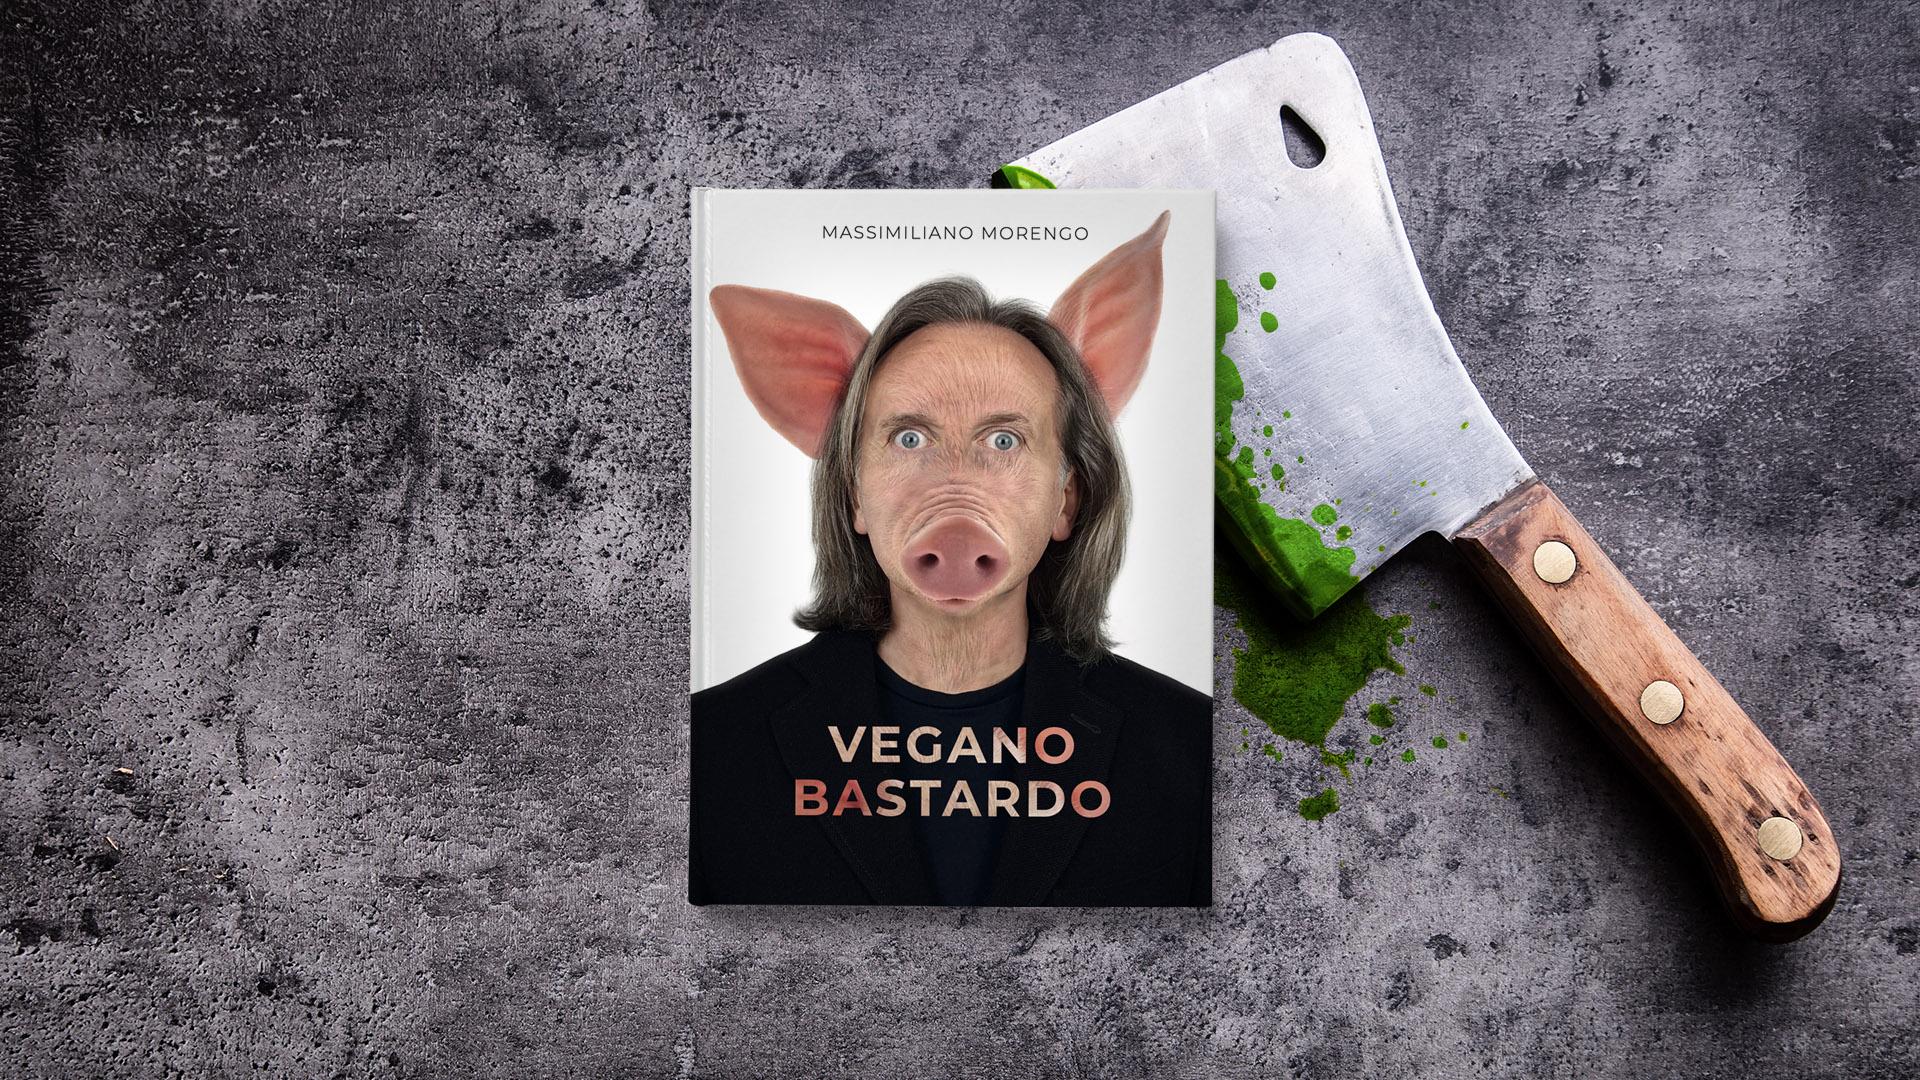 vegano bastardo di Massimiliano Morengo